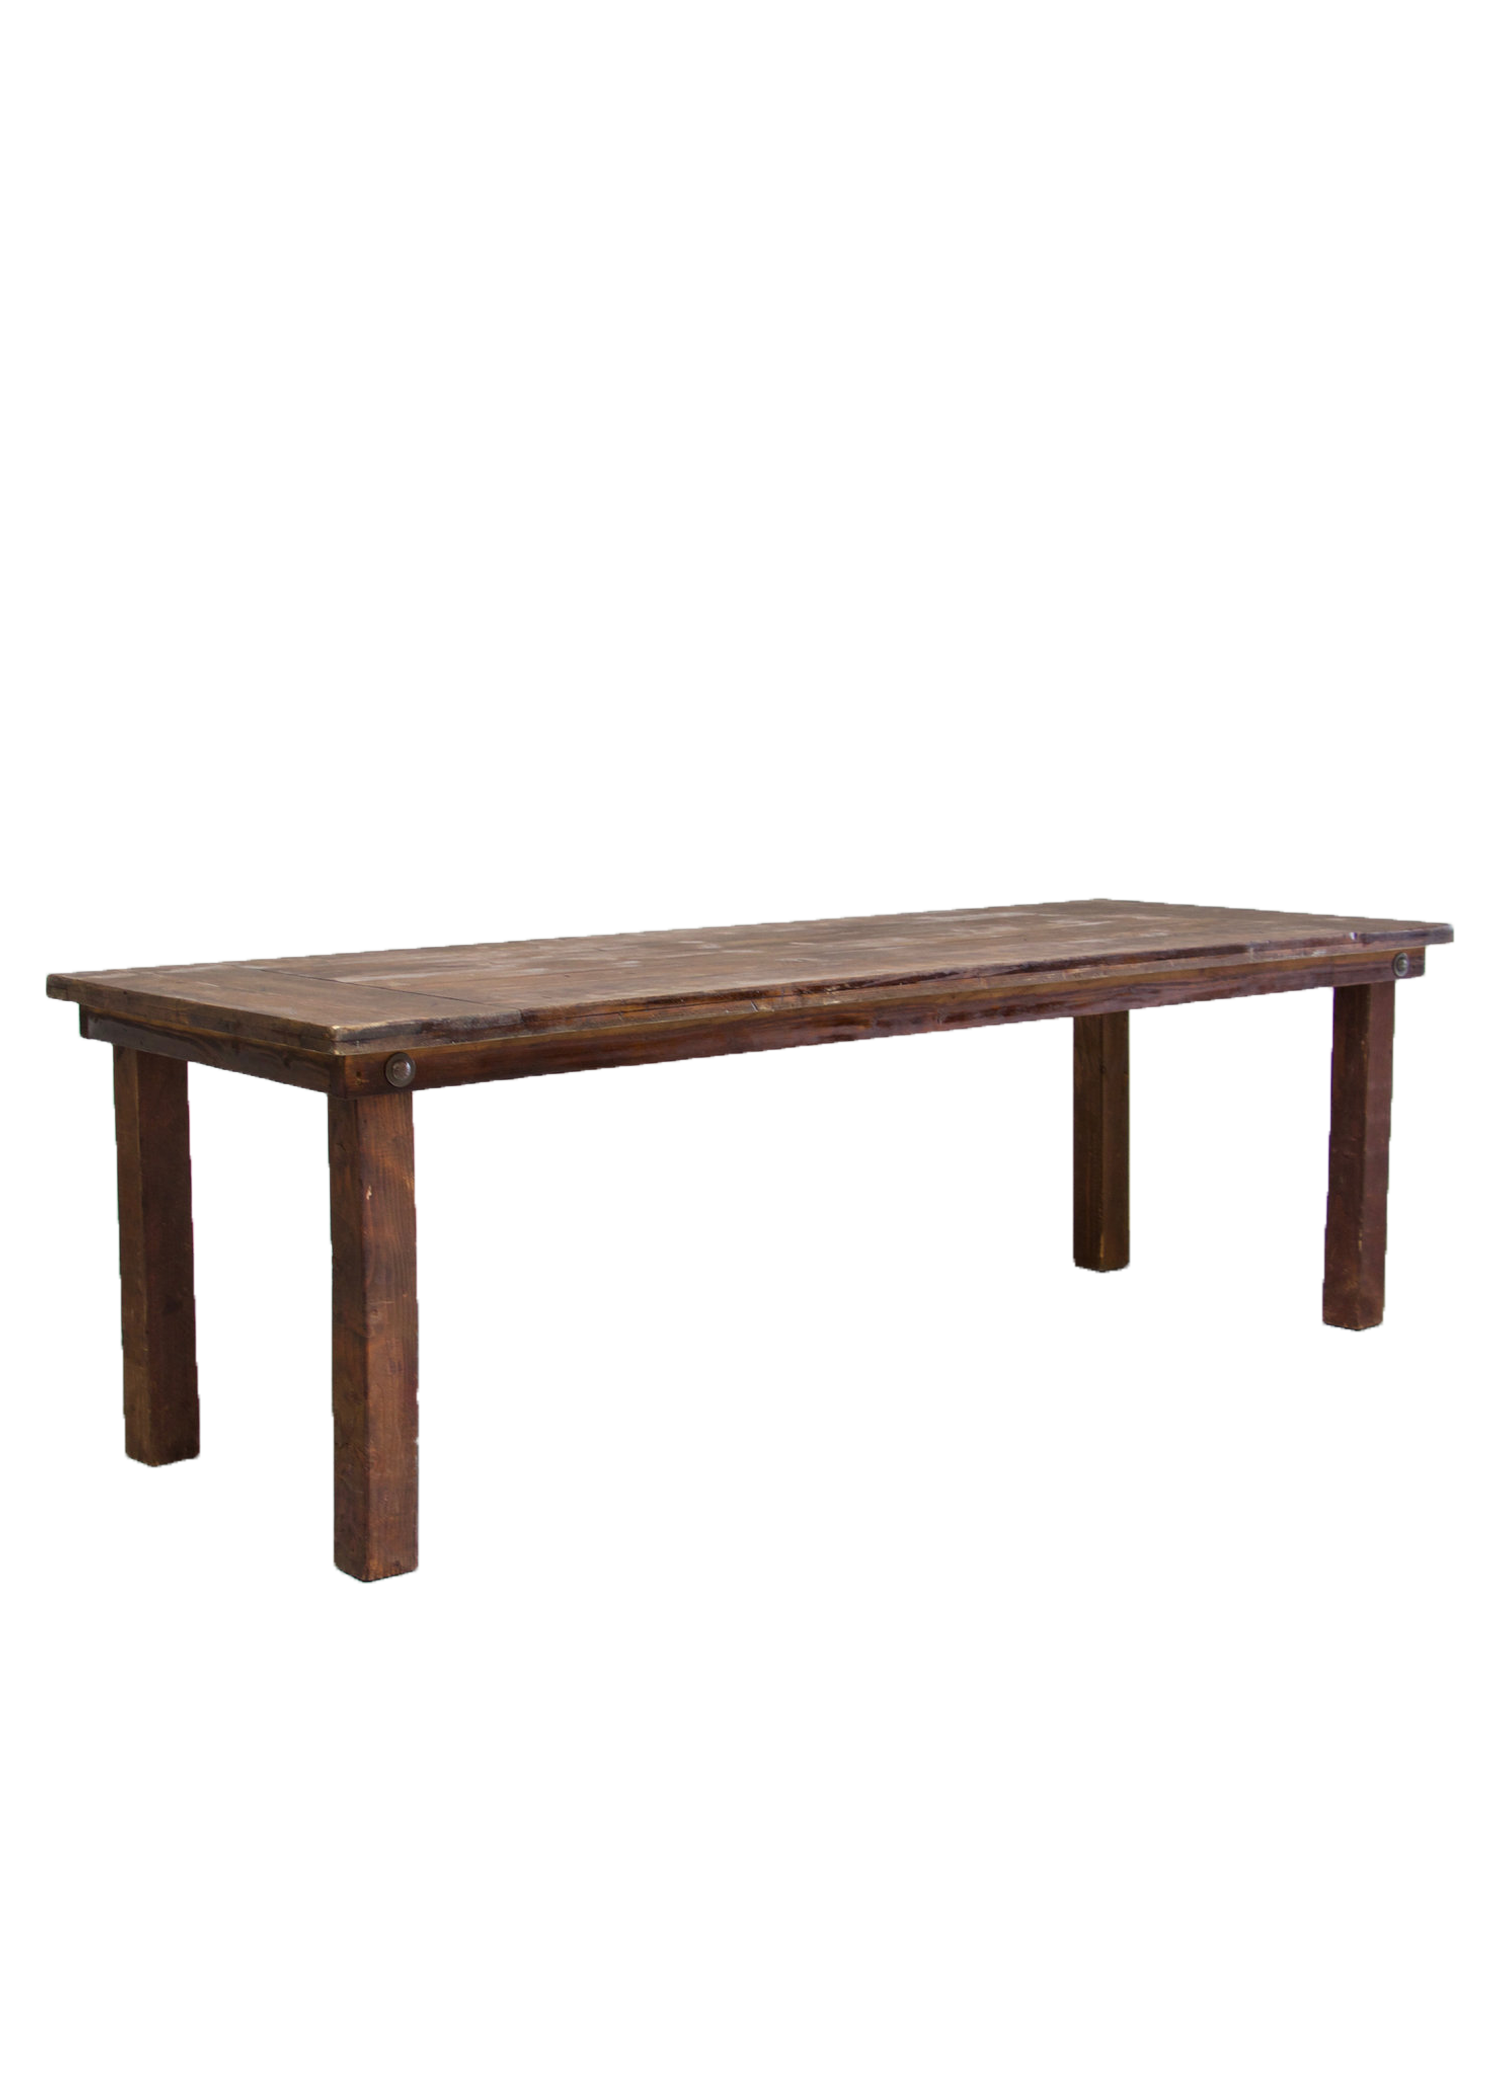 Mahogany 8ft Farm Table